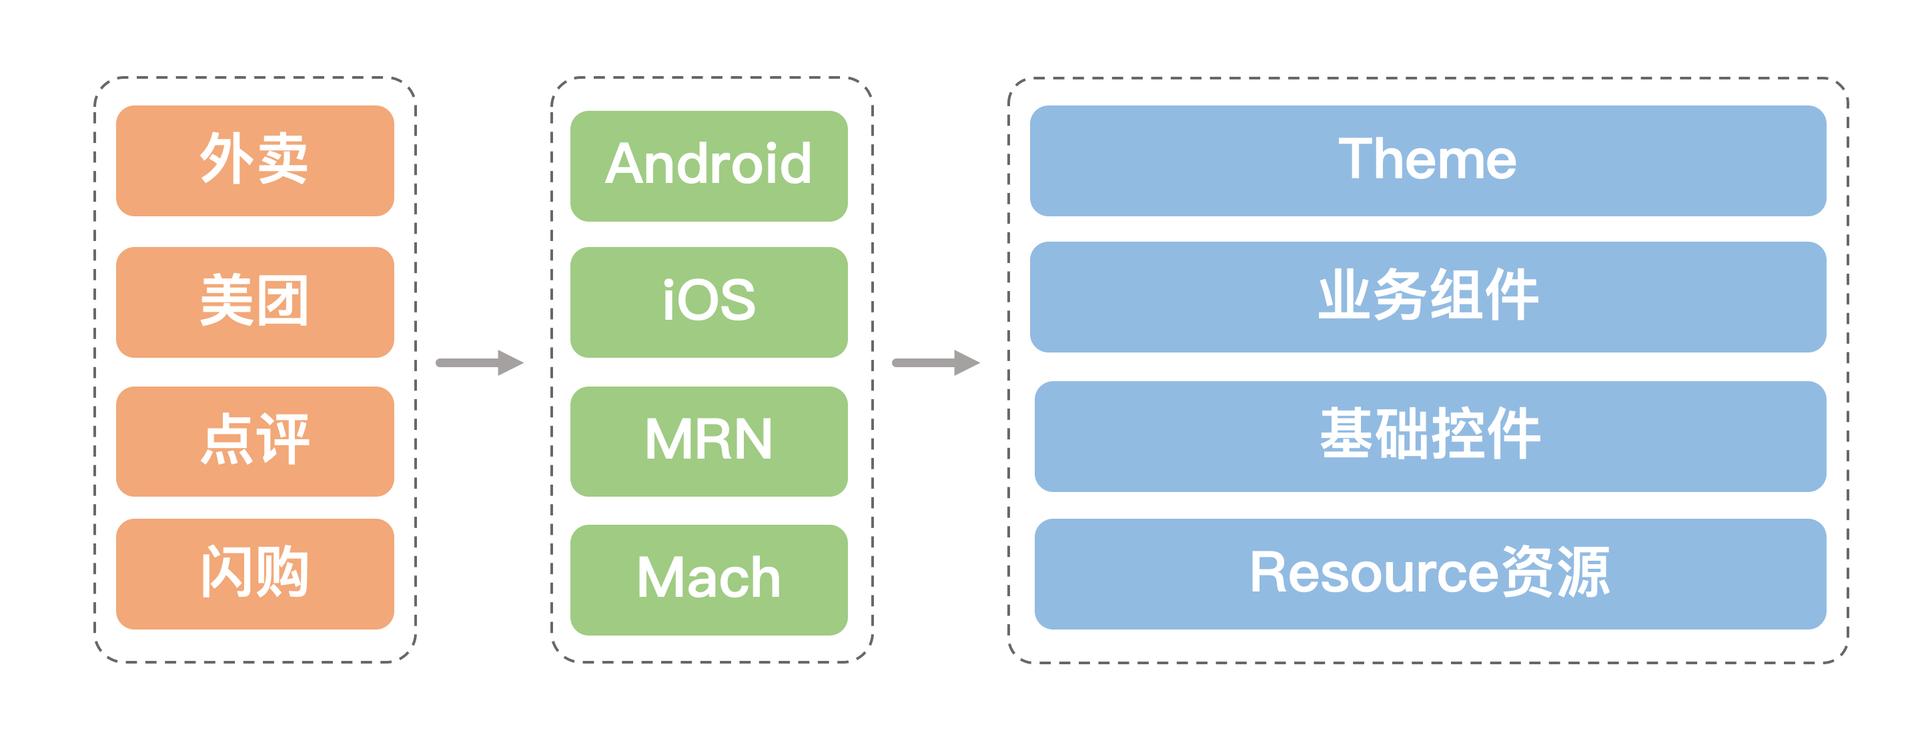 代码组件库模型